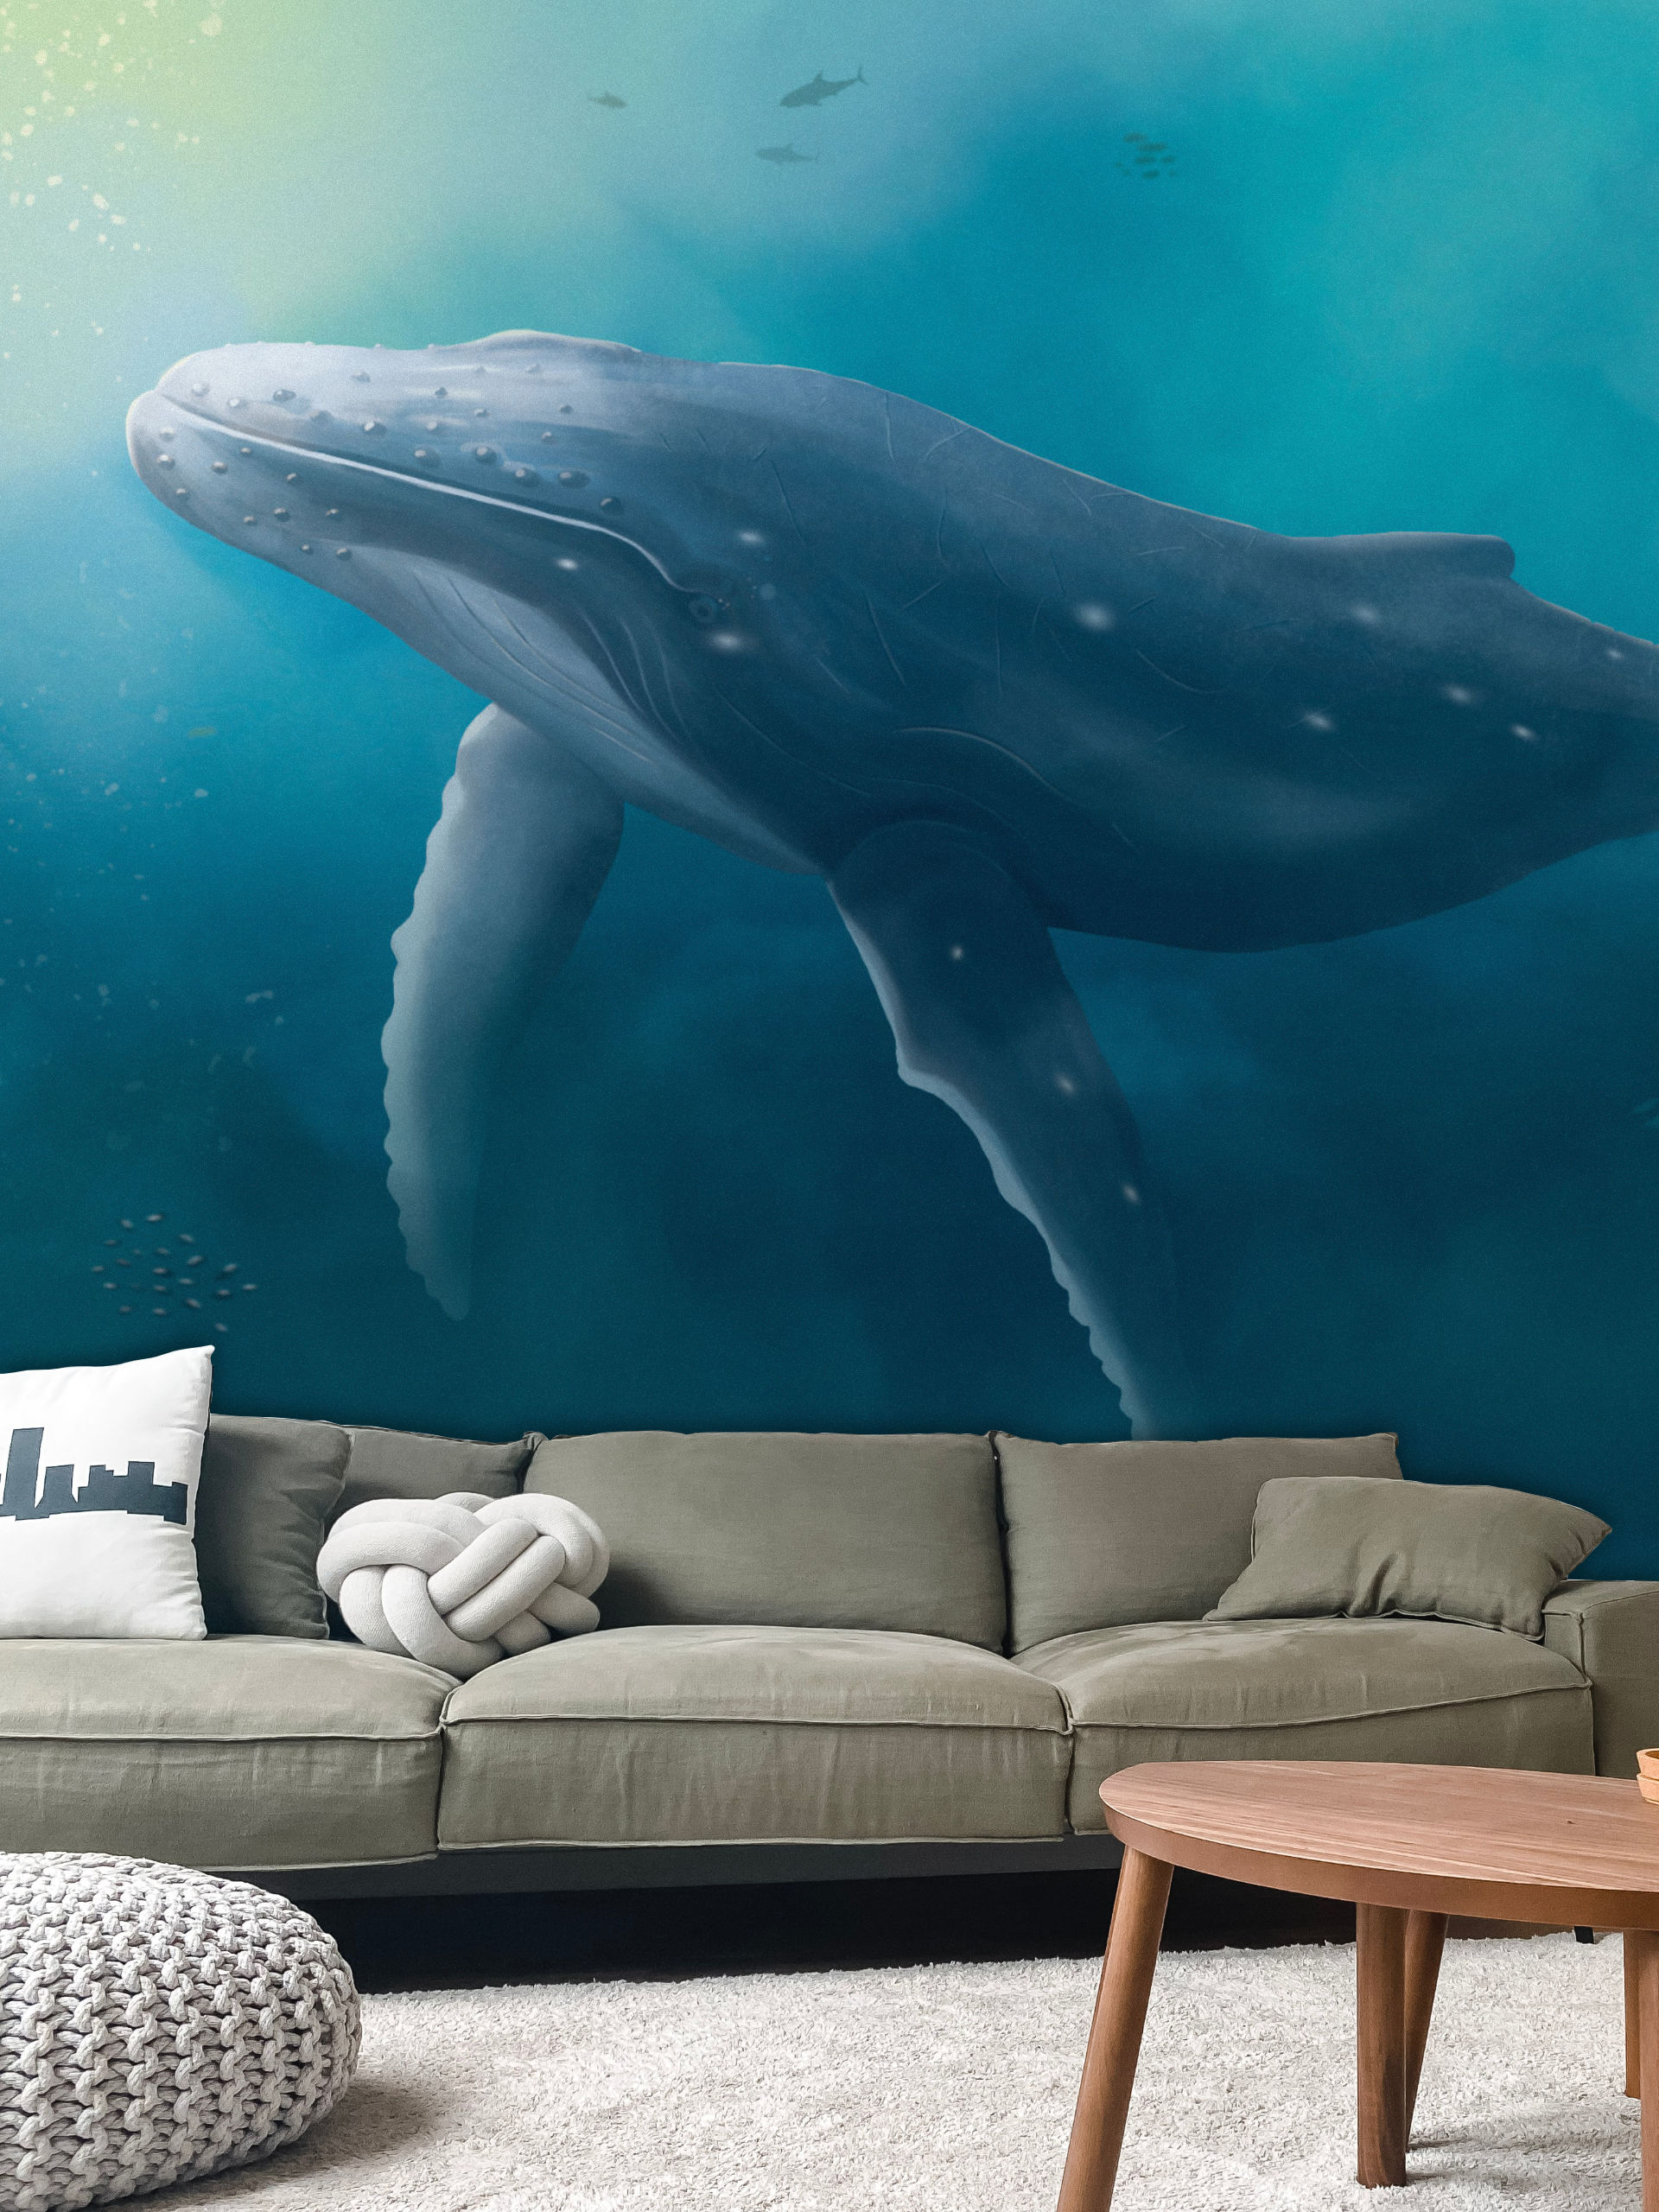 Papier peint panoramique baleine dans salon design